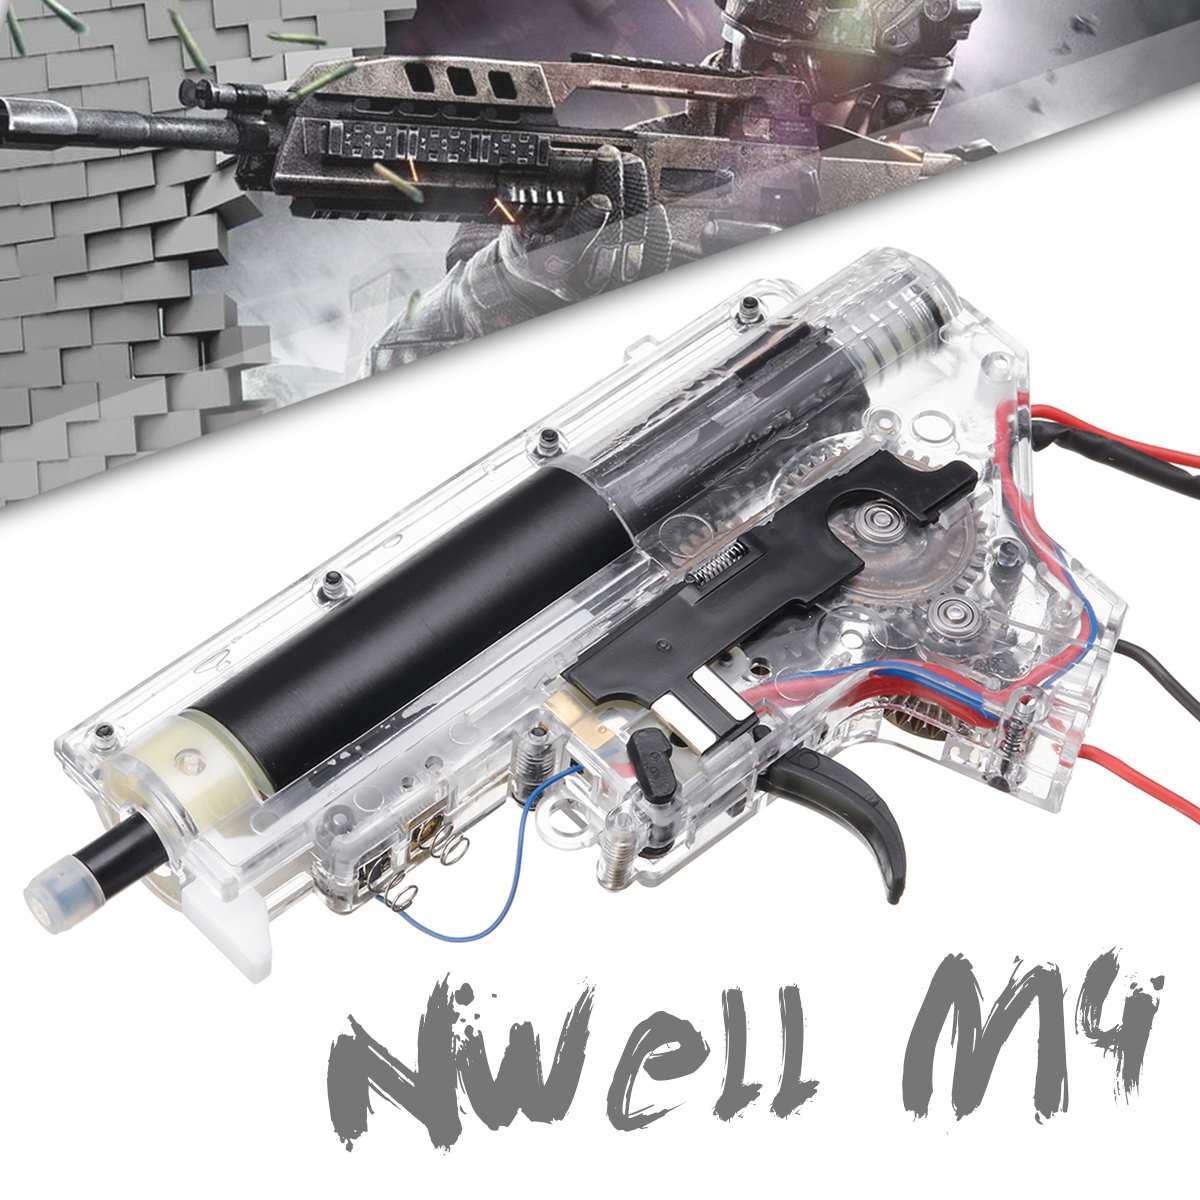 Mise à niveau boîte de vitesses en métal + Kit de fil pour Nwell M4 jeu boule de Gel d'eau blaster jouets pistolets accessoires de remplacement